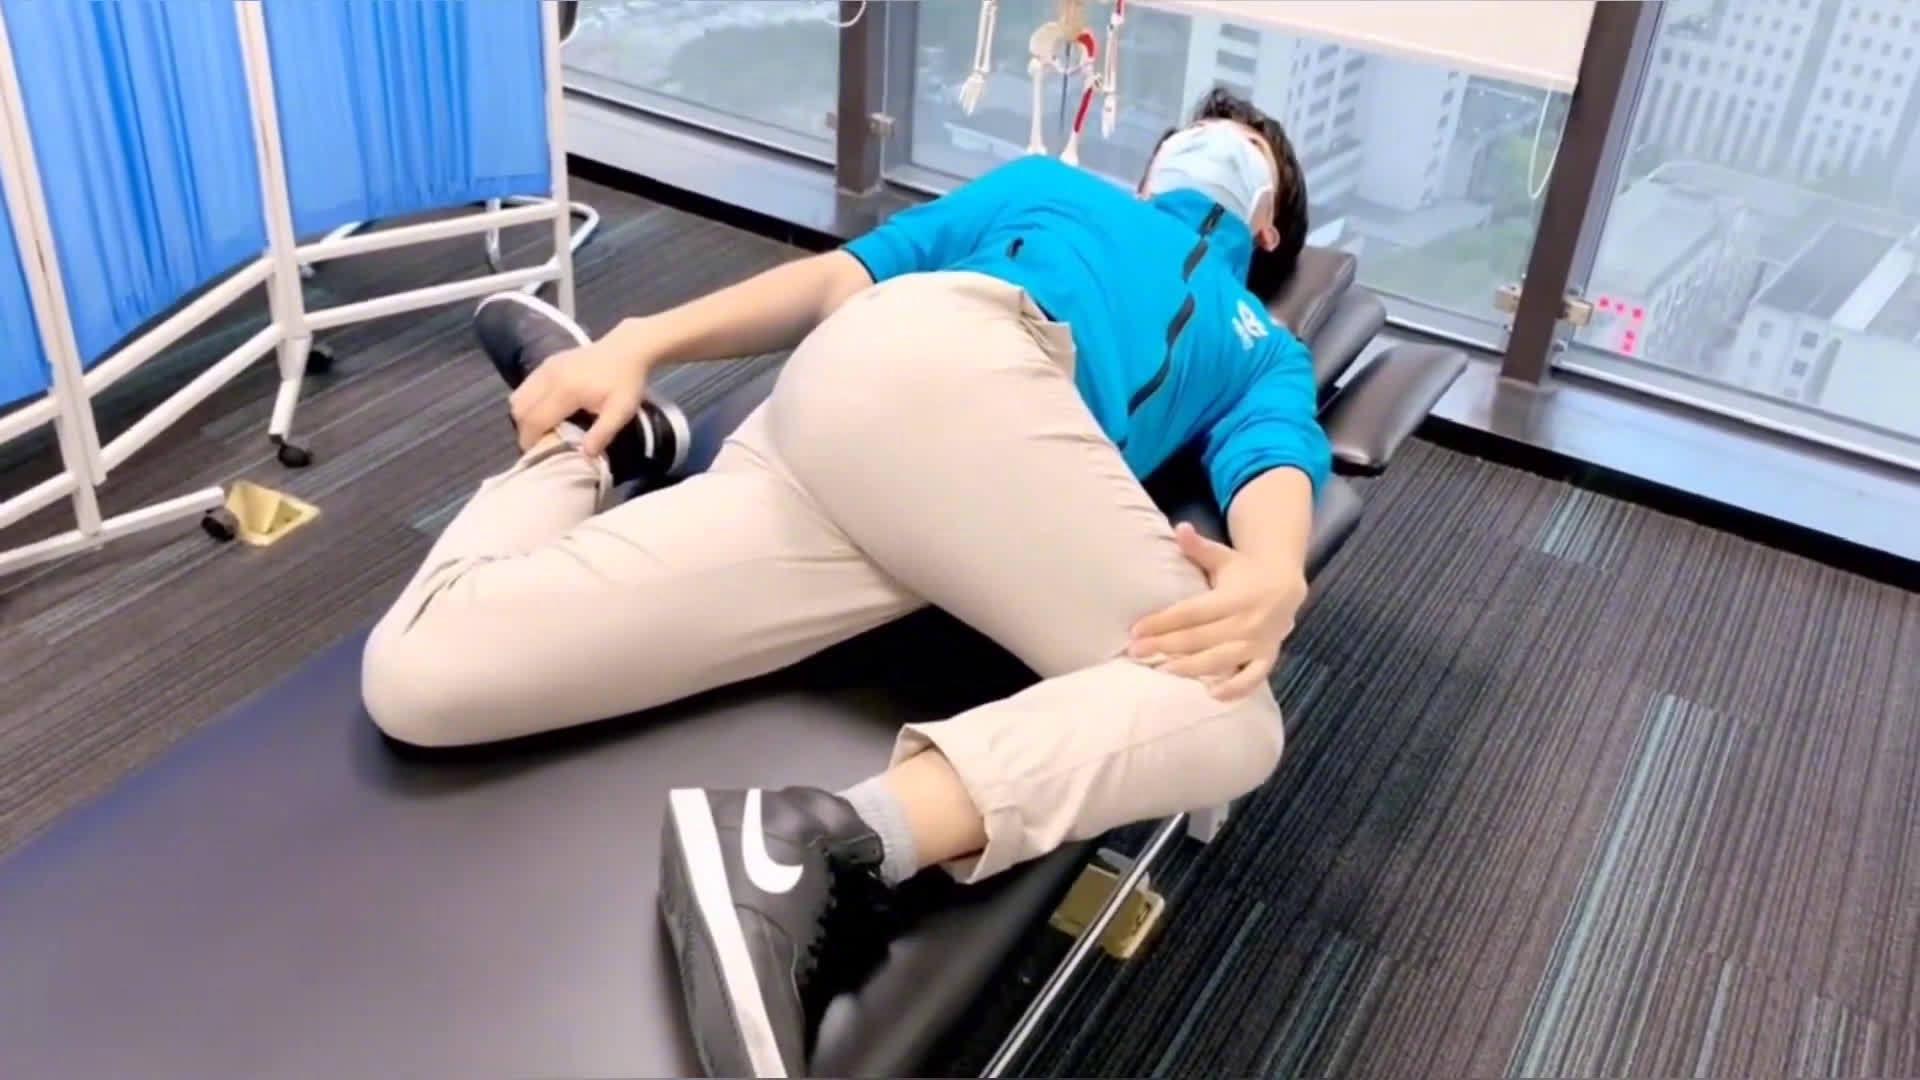 缓解腰酸背痛的三个动作,适合久坐的上班族,马住!!!